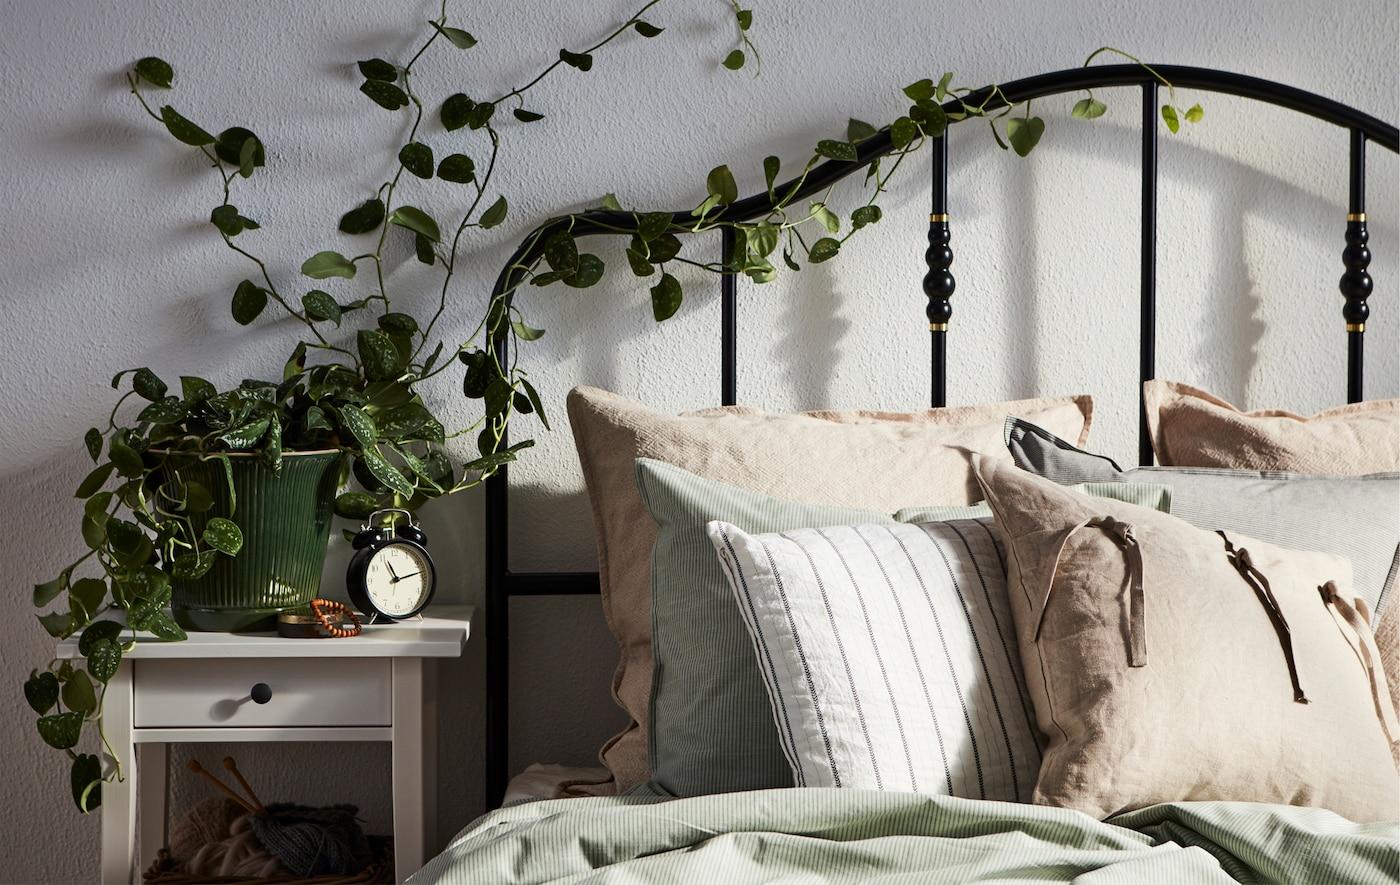 سرير مضاء بنور الشمس مع لوح رأس من الأنابيب السوداء يتخلله لبلاب متسلق يينمو من إناء موضوع على طاولة سرير جانبية.